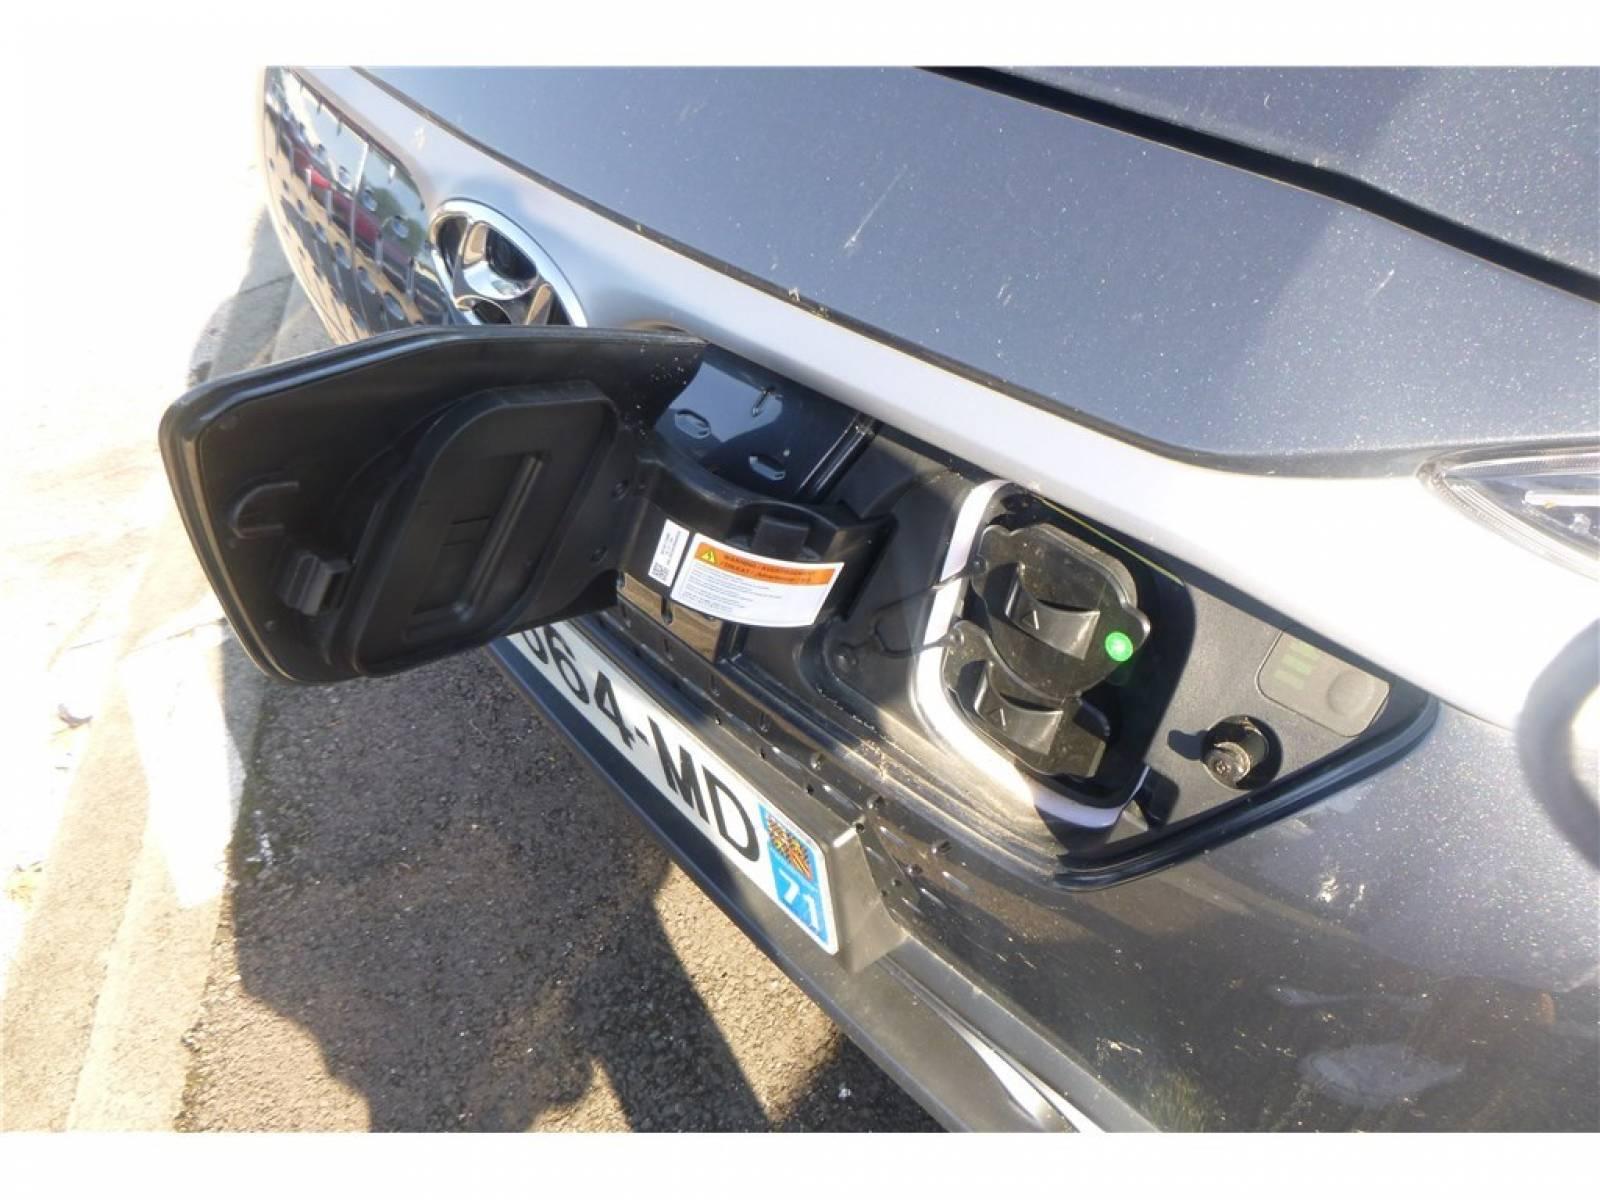 HYUNDAI Kona Electrique 39 kWh - 136 ch - véhicule d'occasion - Groupe Guillet - Chalon Automobiles - 71100 - Chalon-sur-Saône - 9